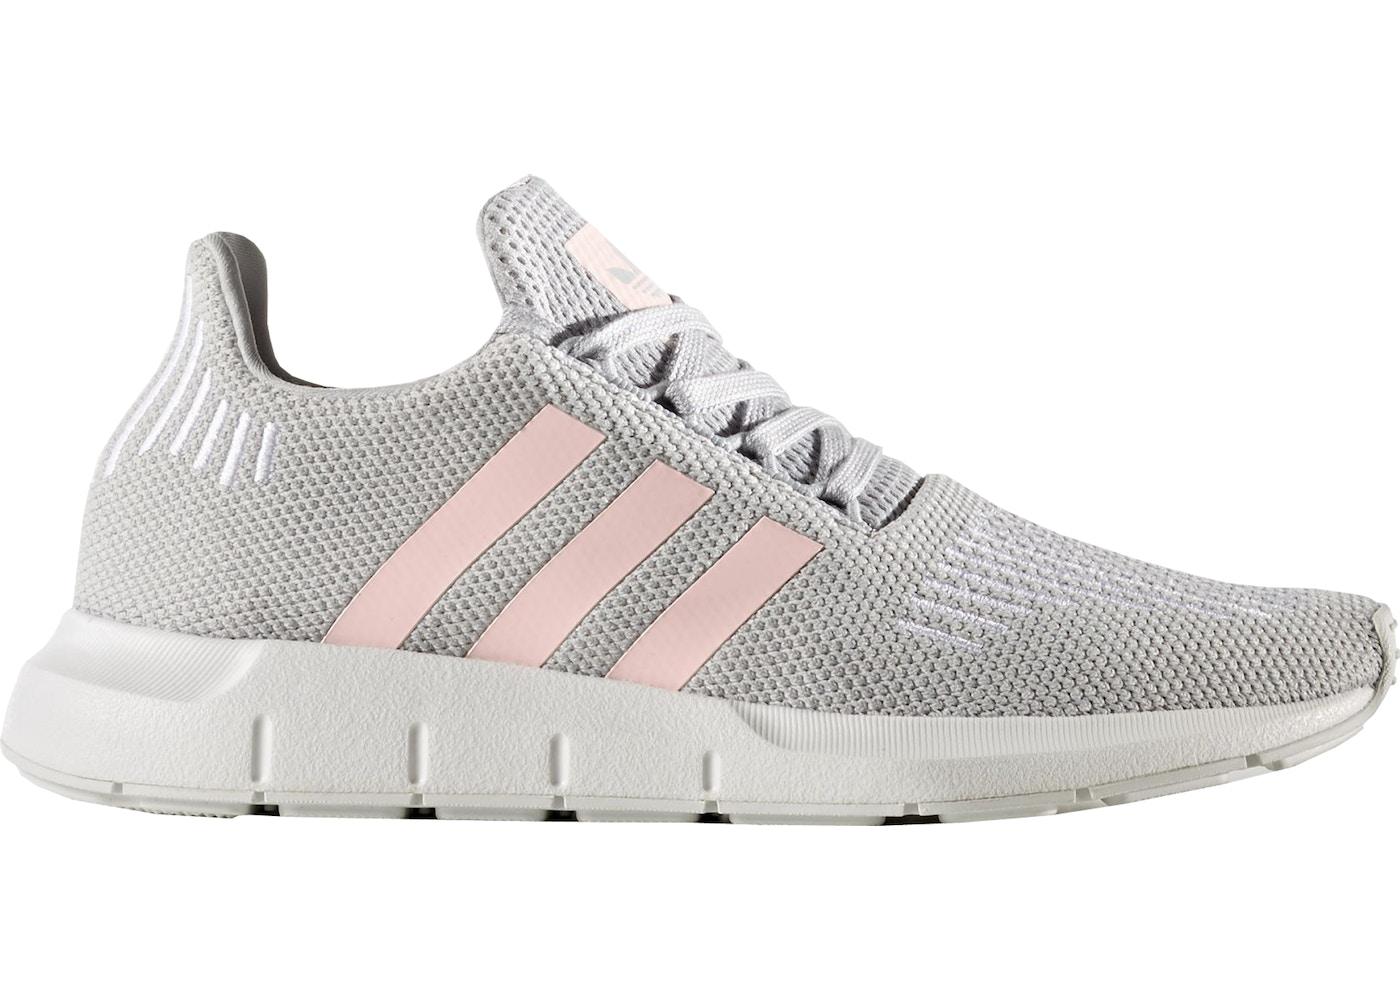 88bbd1efae5 adidas Swift Run Grey Two Icey Pink (W) - CG4140